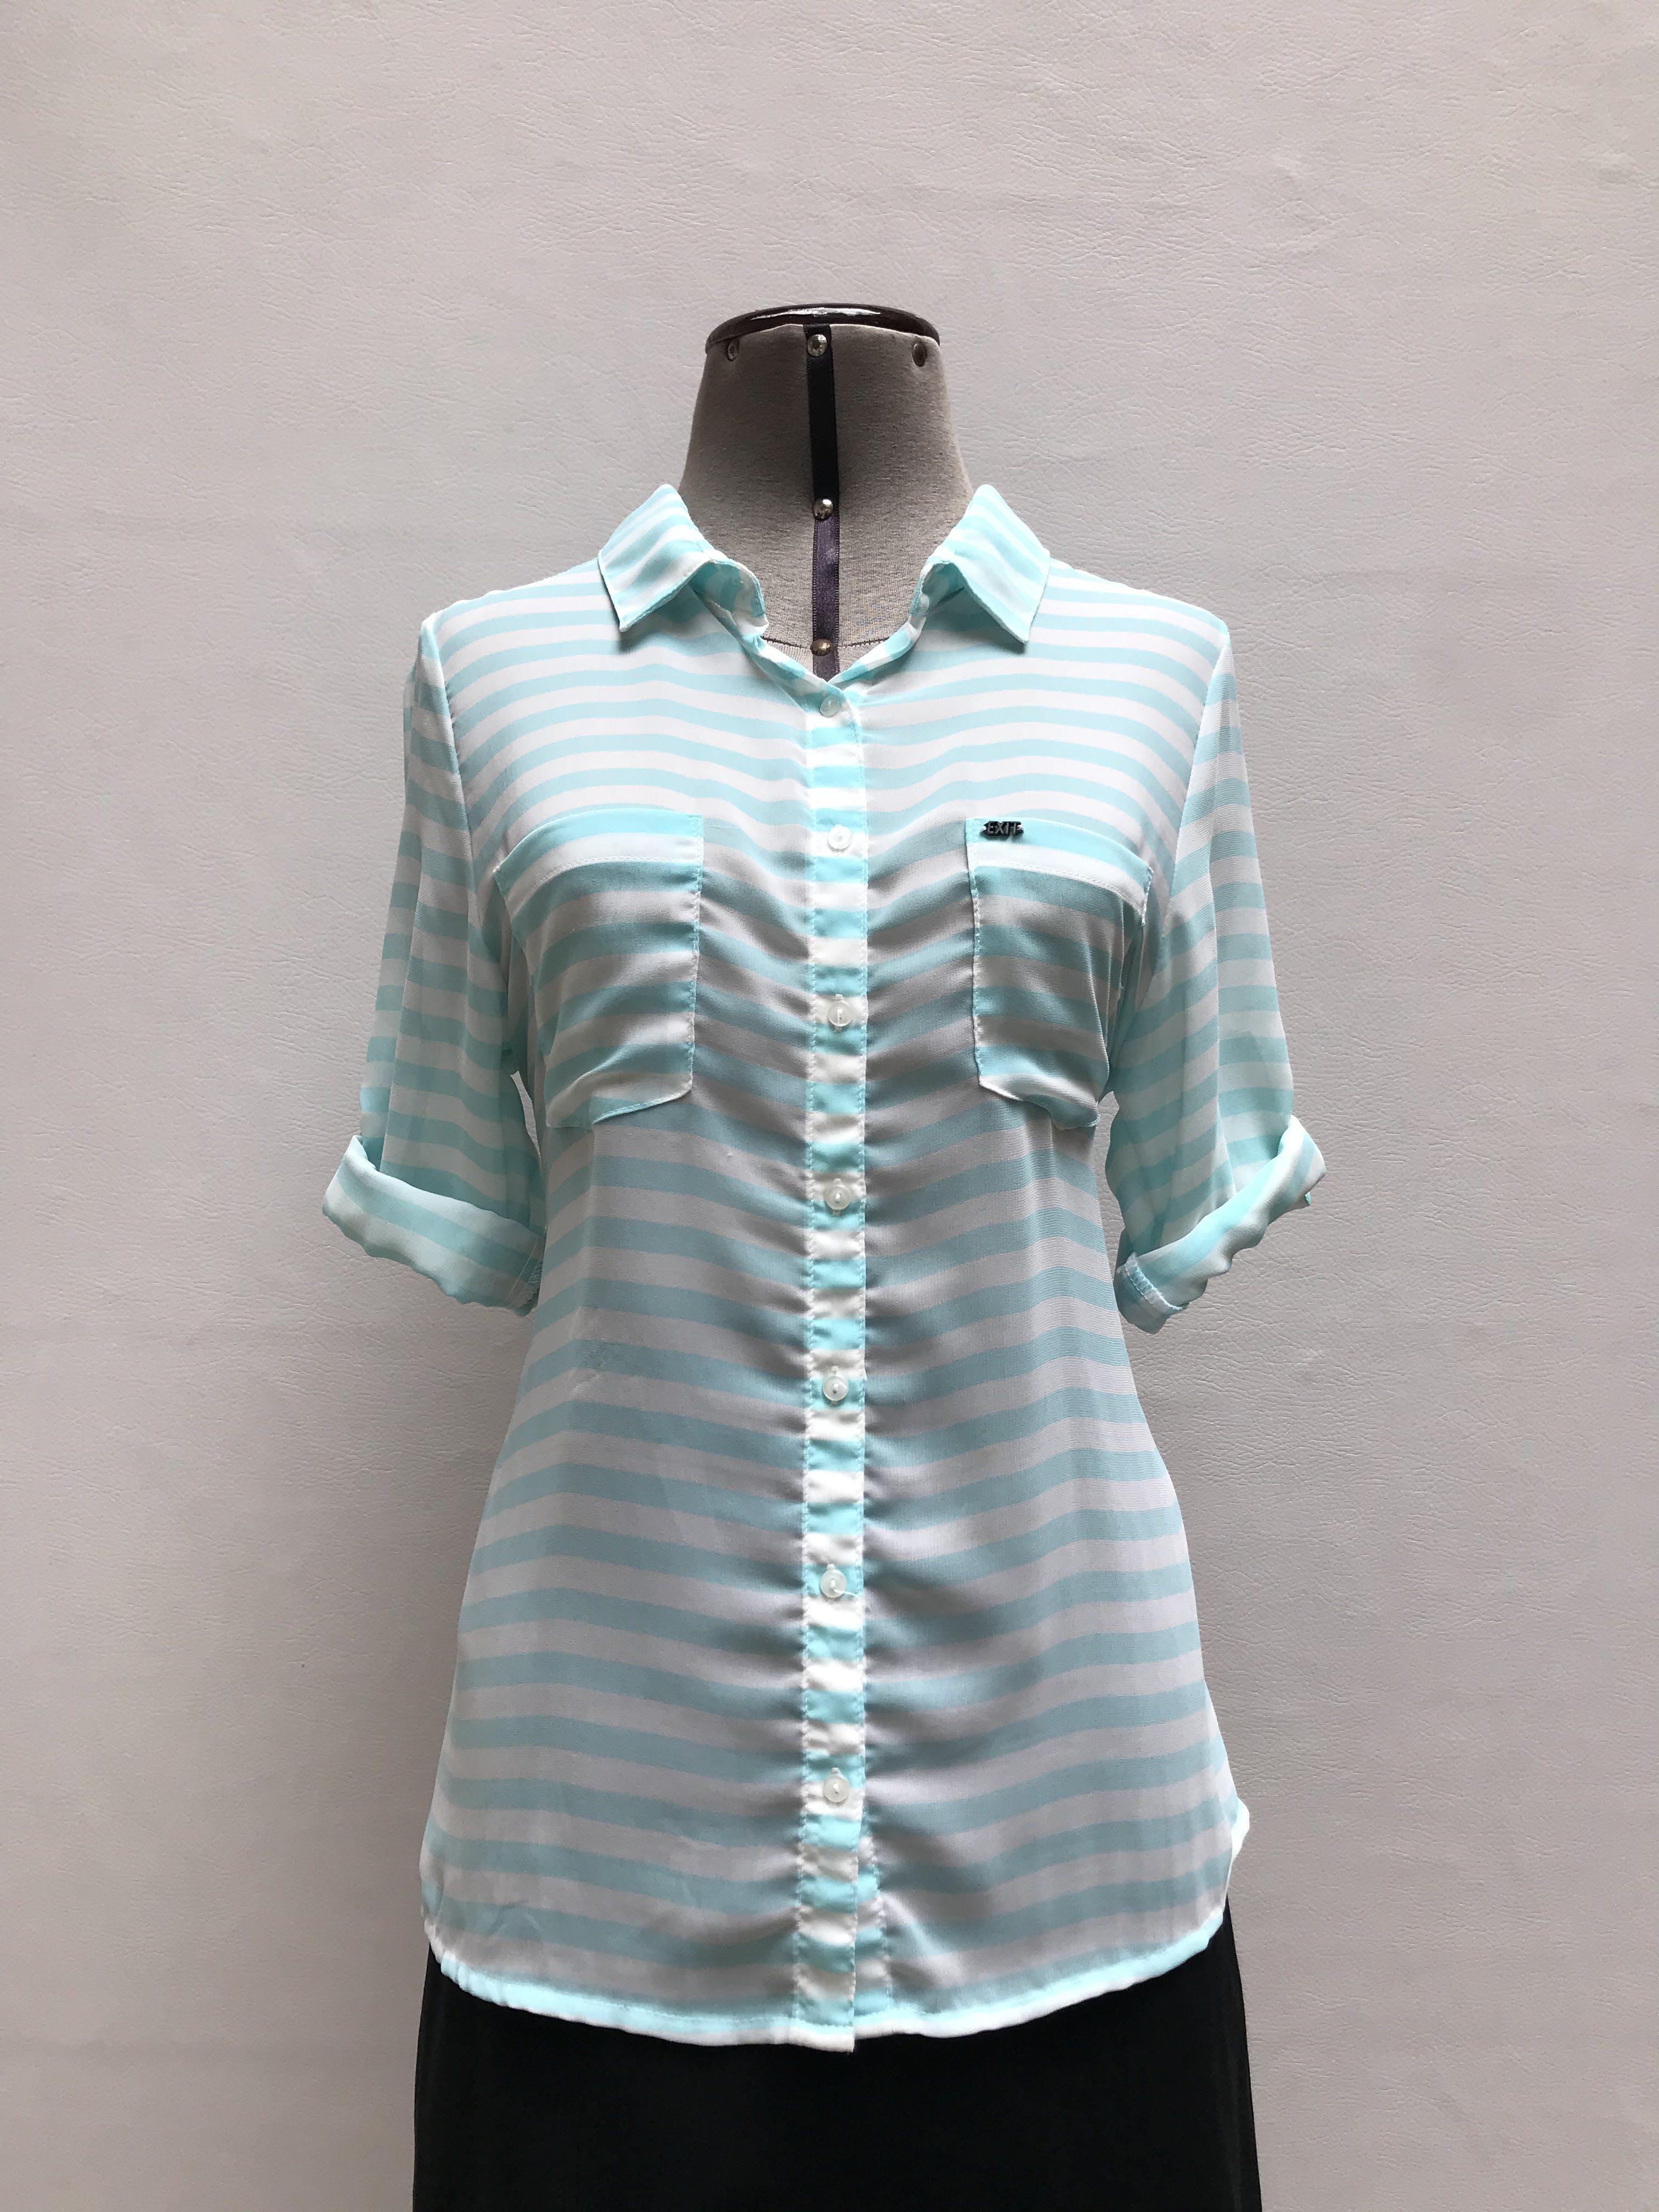 Blusa Exit de gasa a rayas celestes y blancas, cuello camisero con botones y bolsillos en el pecho, manga 3/4 regulable con botón Talla S